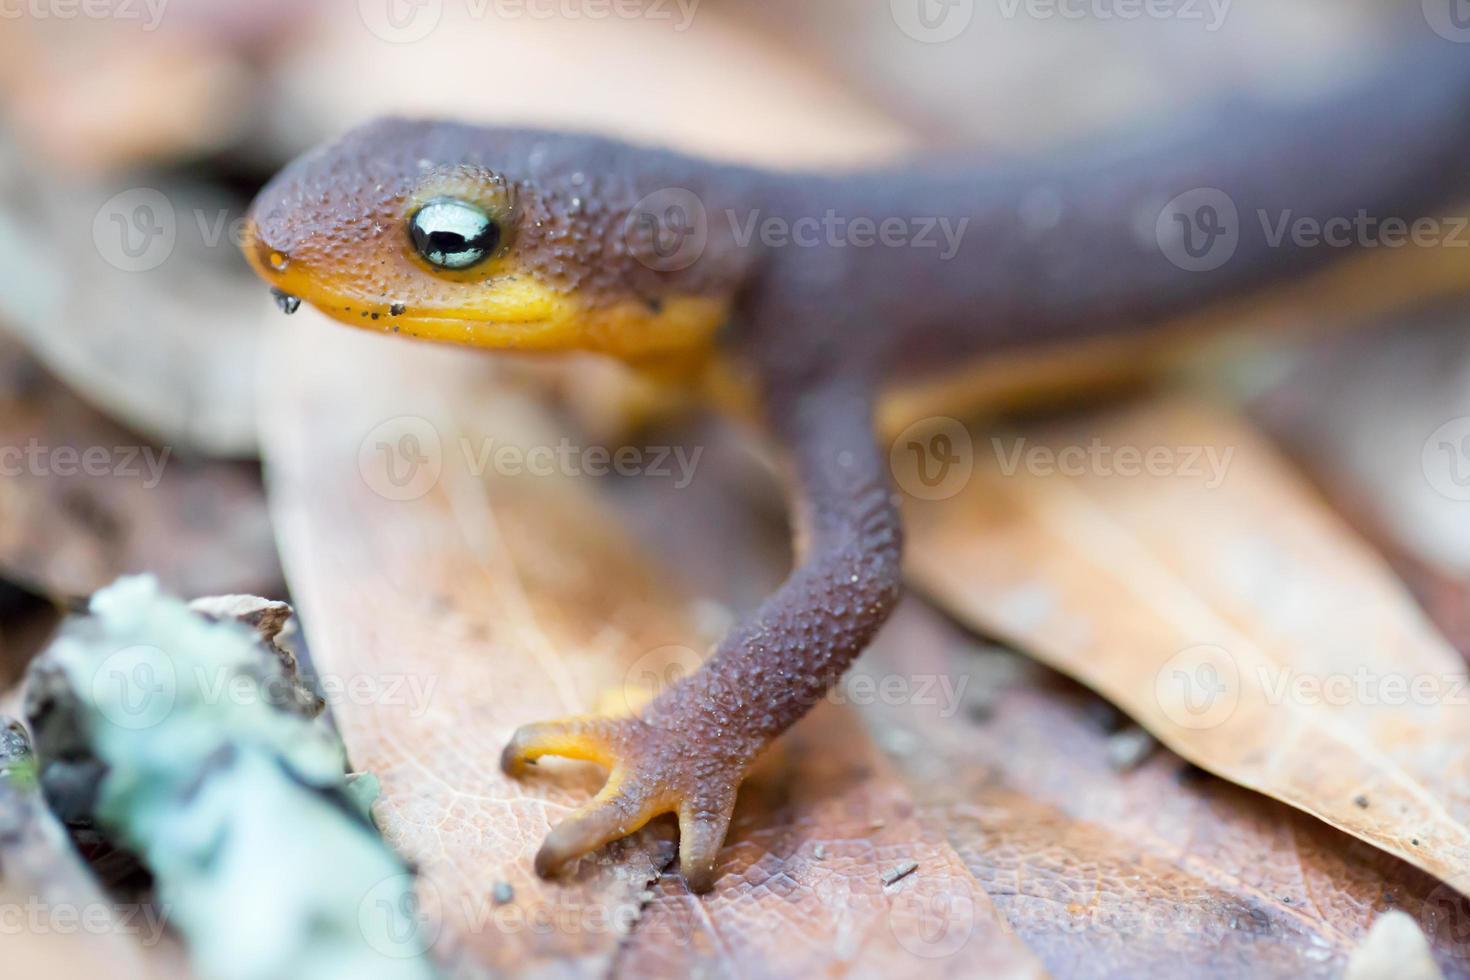 Rough-skinned Newt (Taricha granulosa) photo